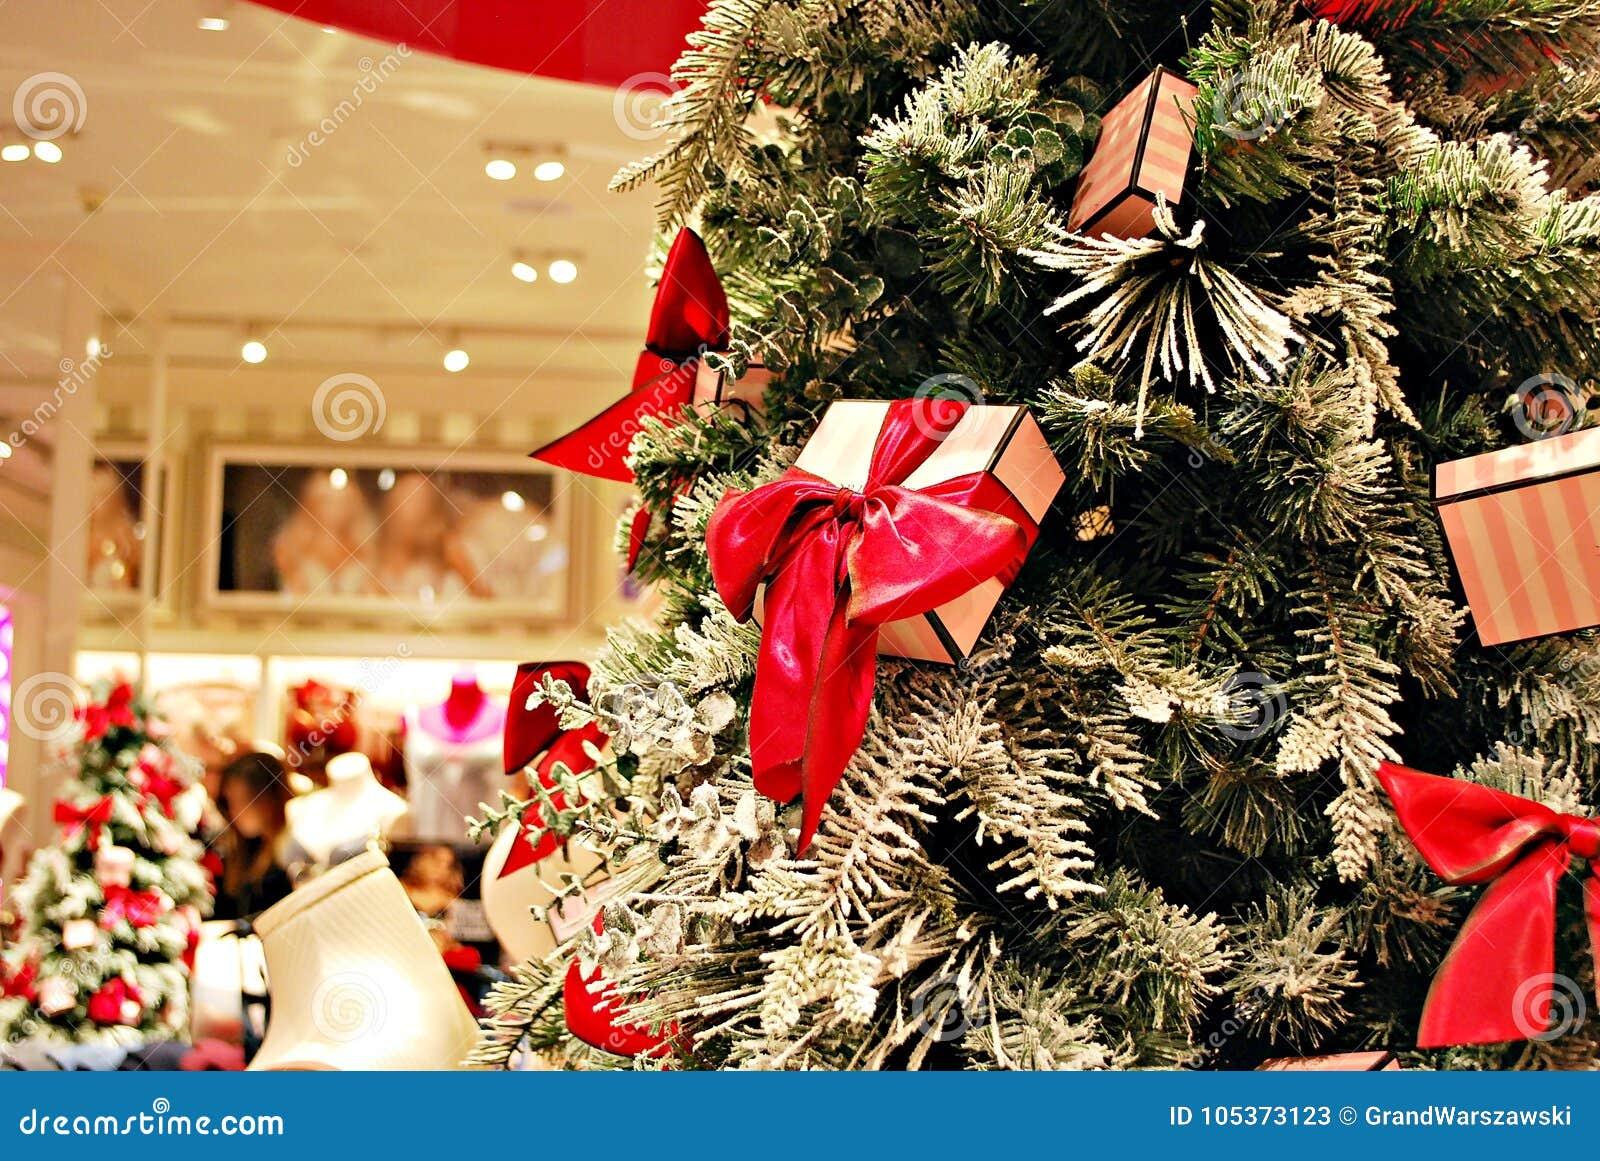 b7f4979cdf0d8 Предпосылка рождества праздничная с рождественской елкой в магазине женское  бельё нижнего белья